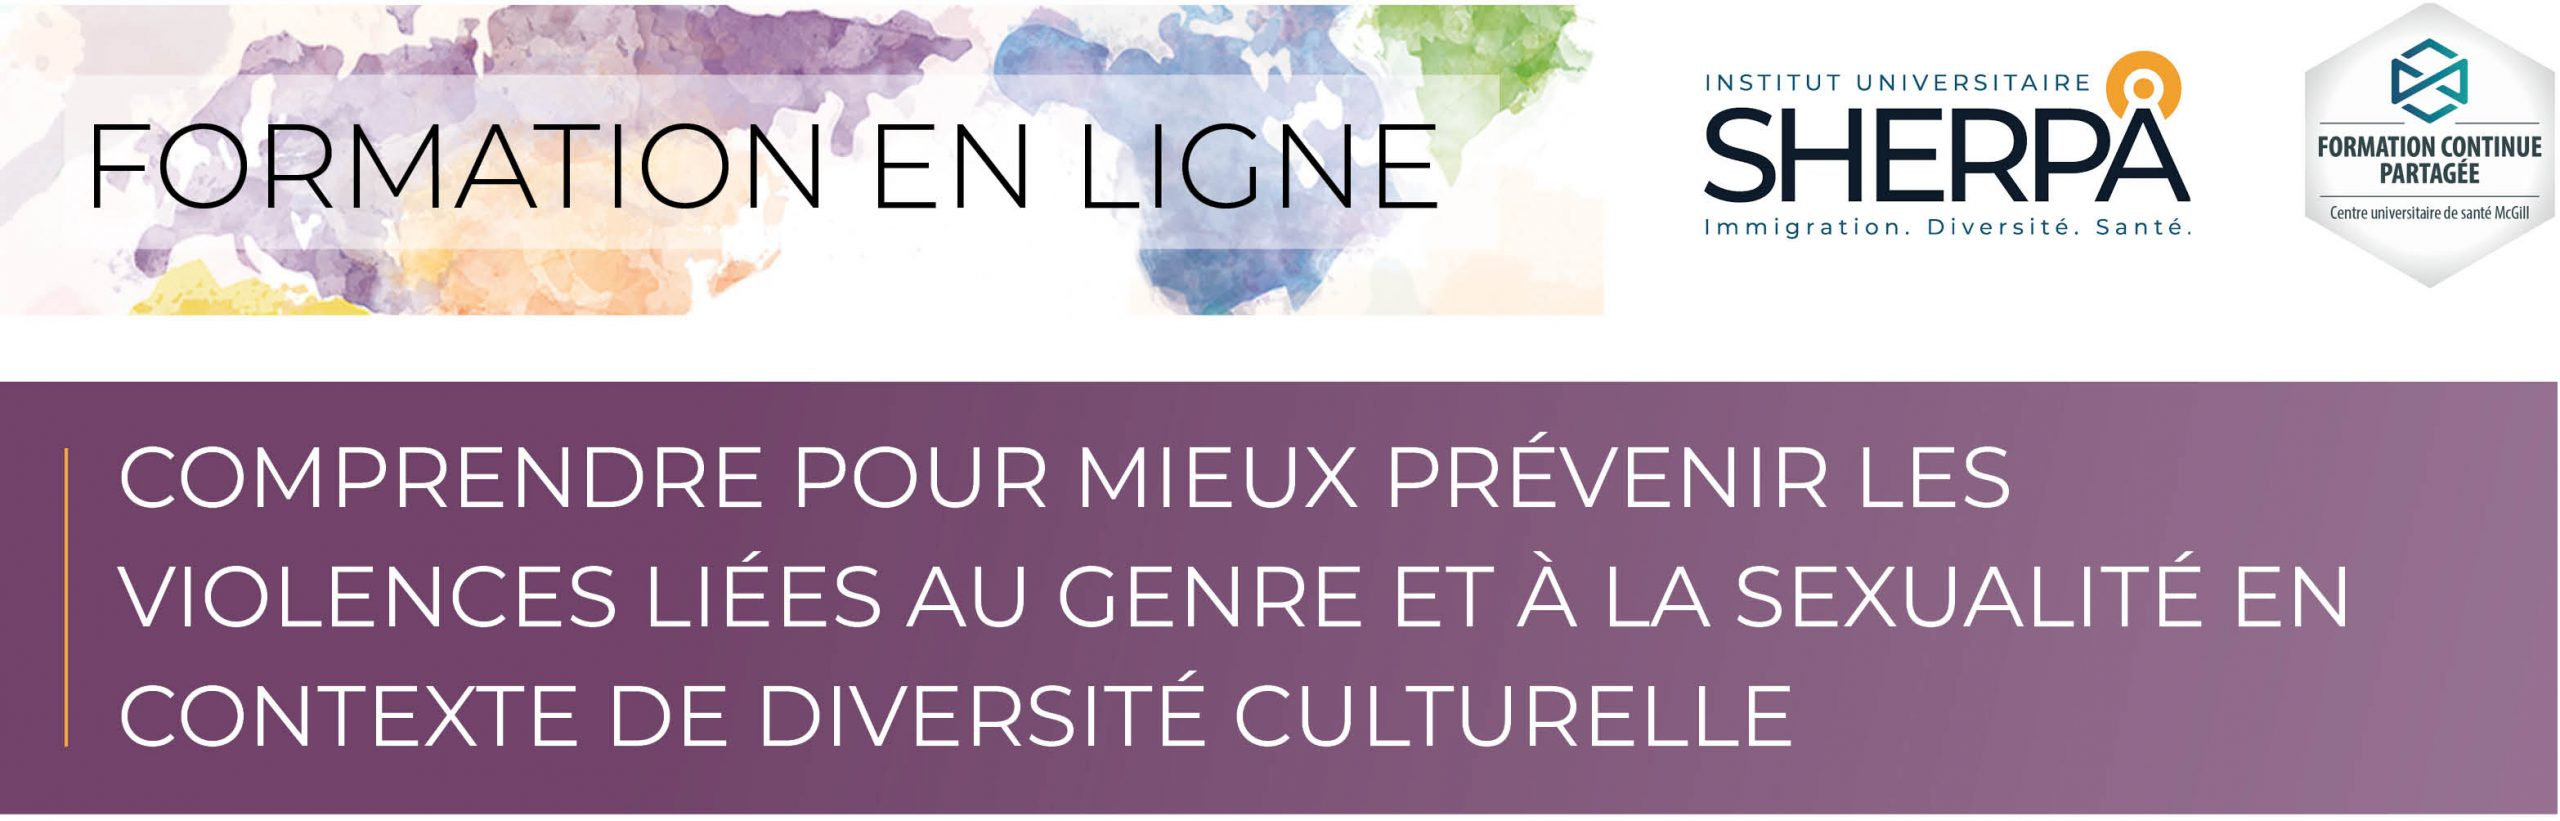 Formation en ligne. Logo SHERPA. Logo Formation continue partagée. Comprendre pour mieux prévenir les violences liées au genre et à la sexualité en contexte de diversité culturelle